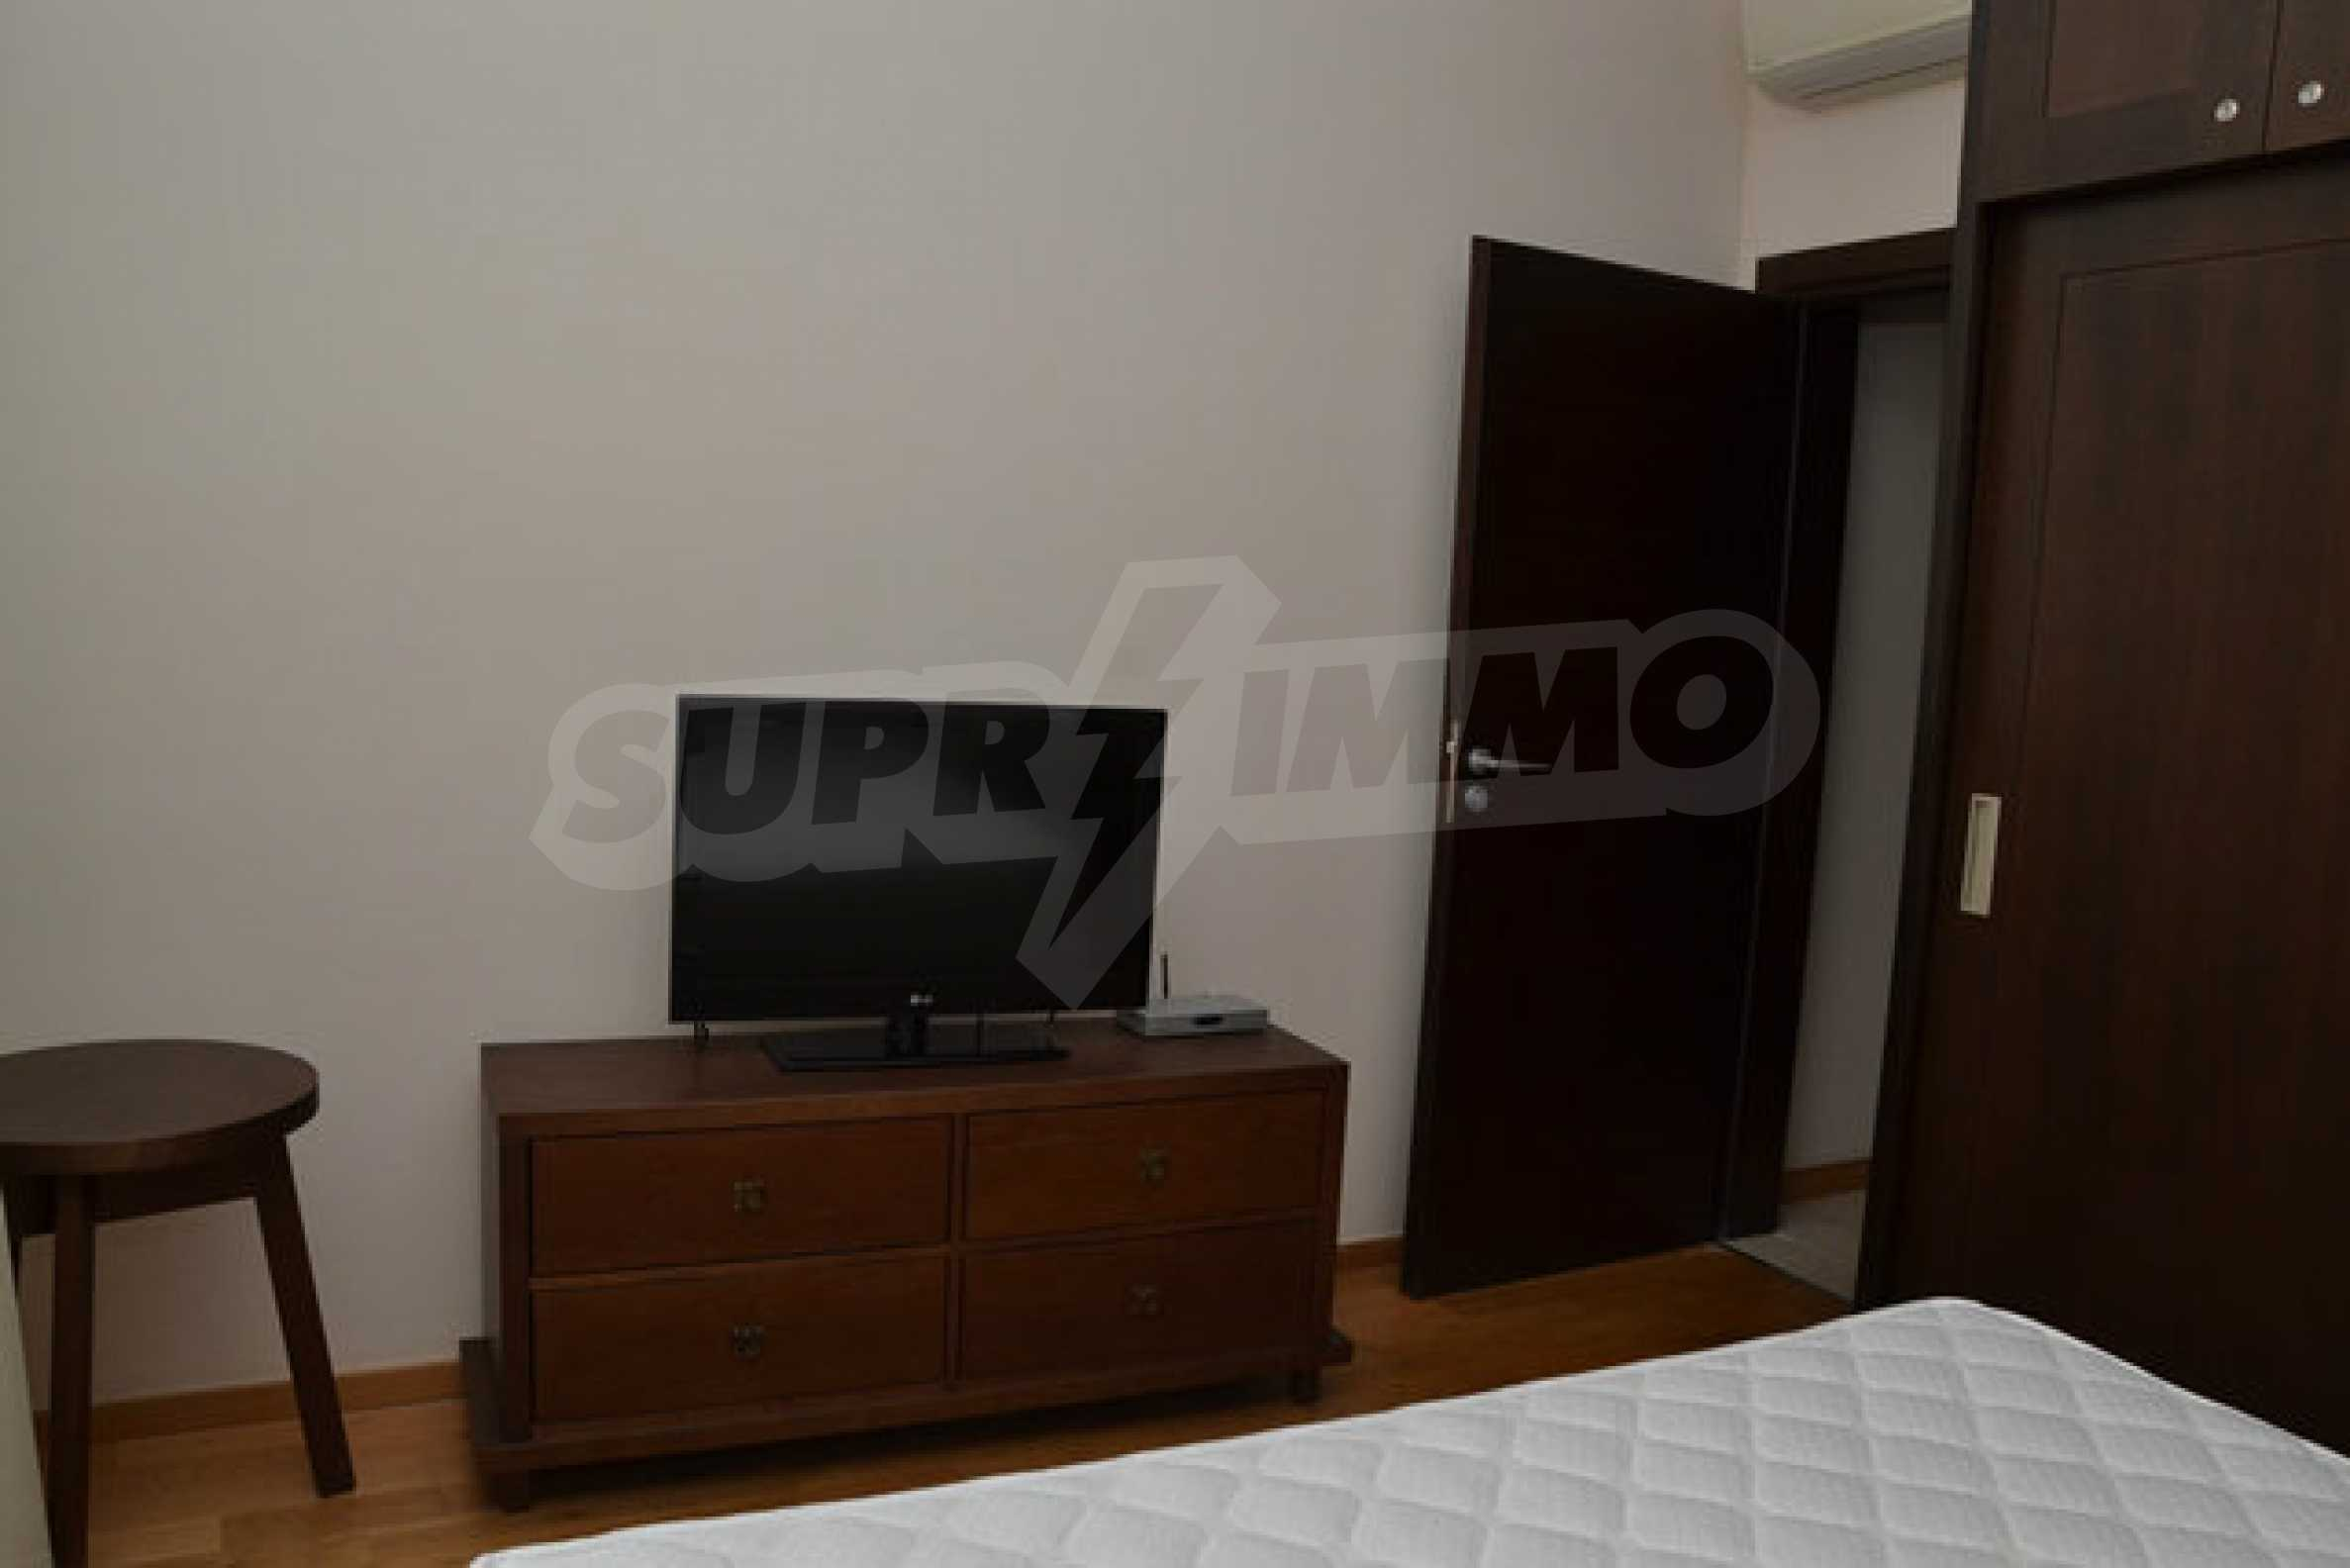 Ule Gunar Wohnung 5